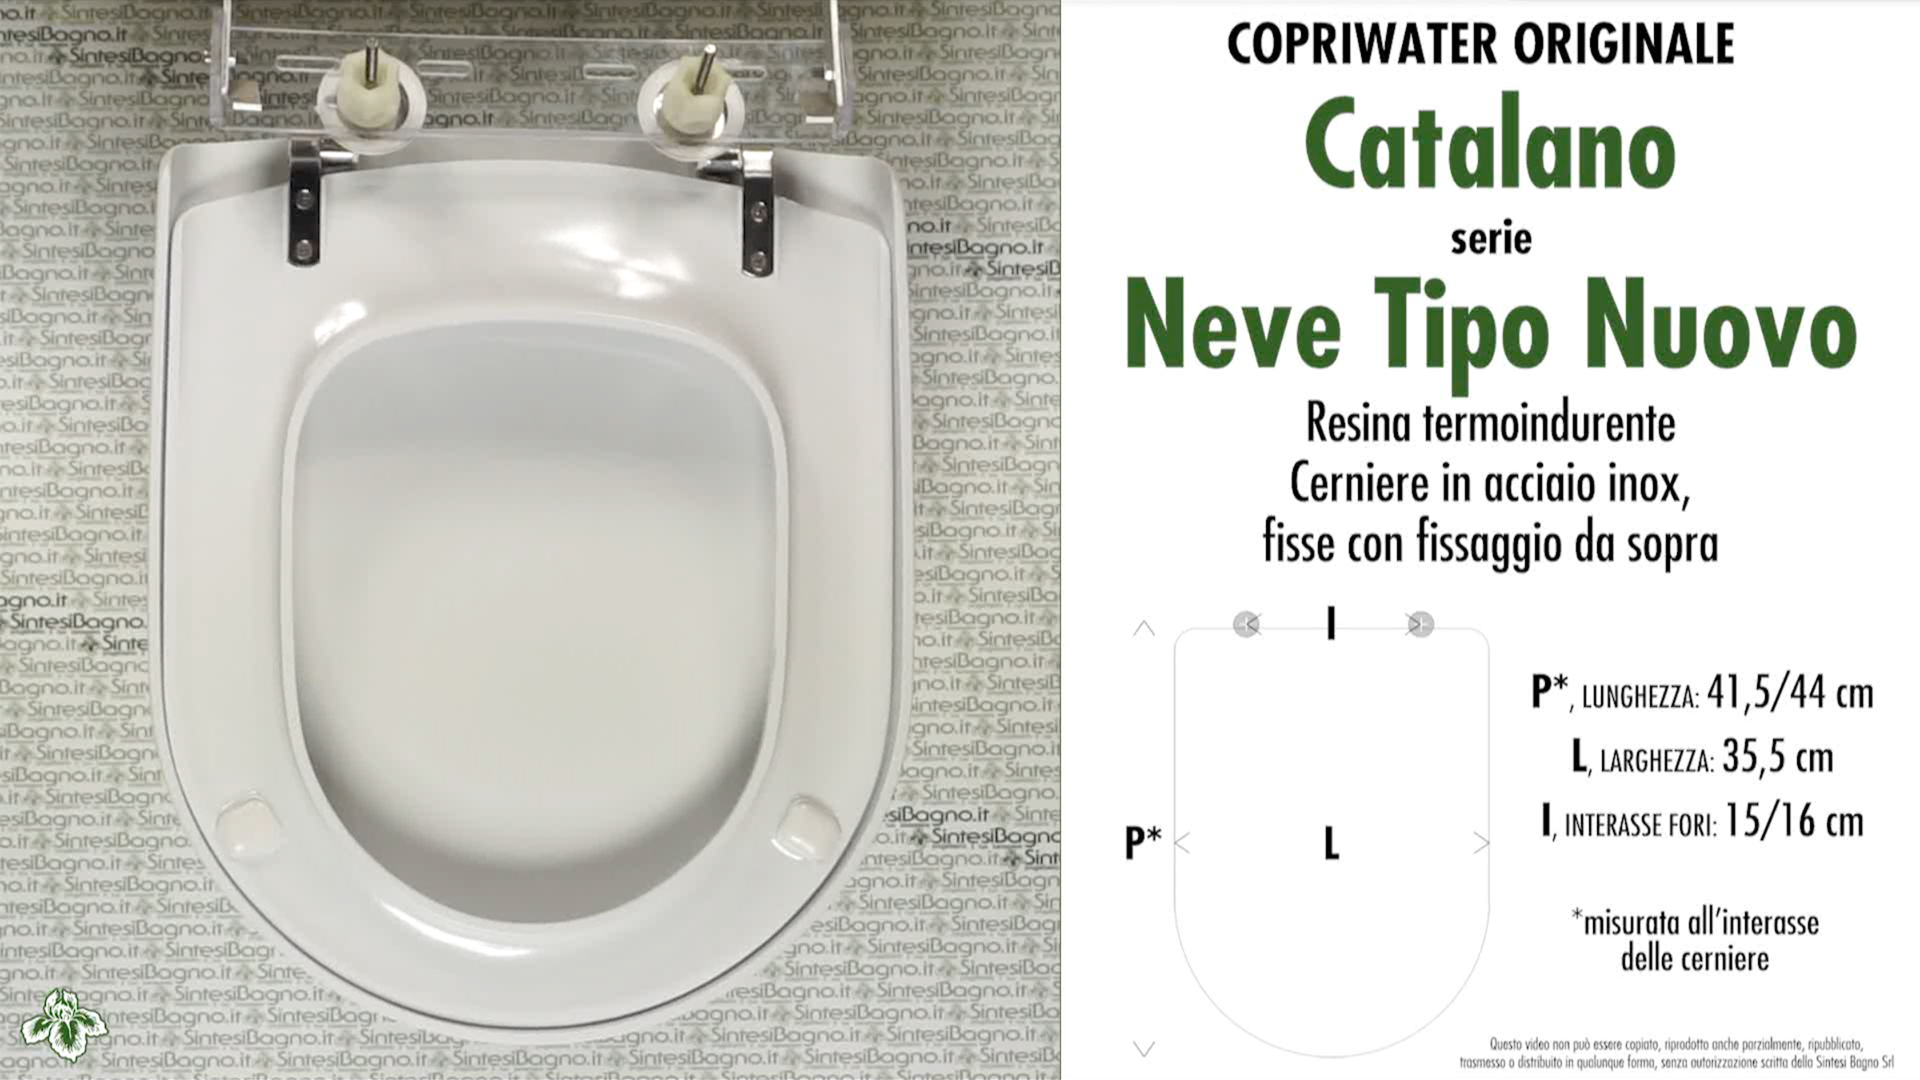 SCHEDA TECNICA MISURE copriwater CATALANO NEVE TIPO NUOVO